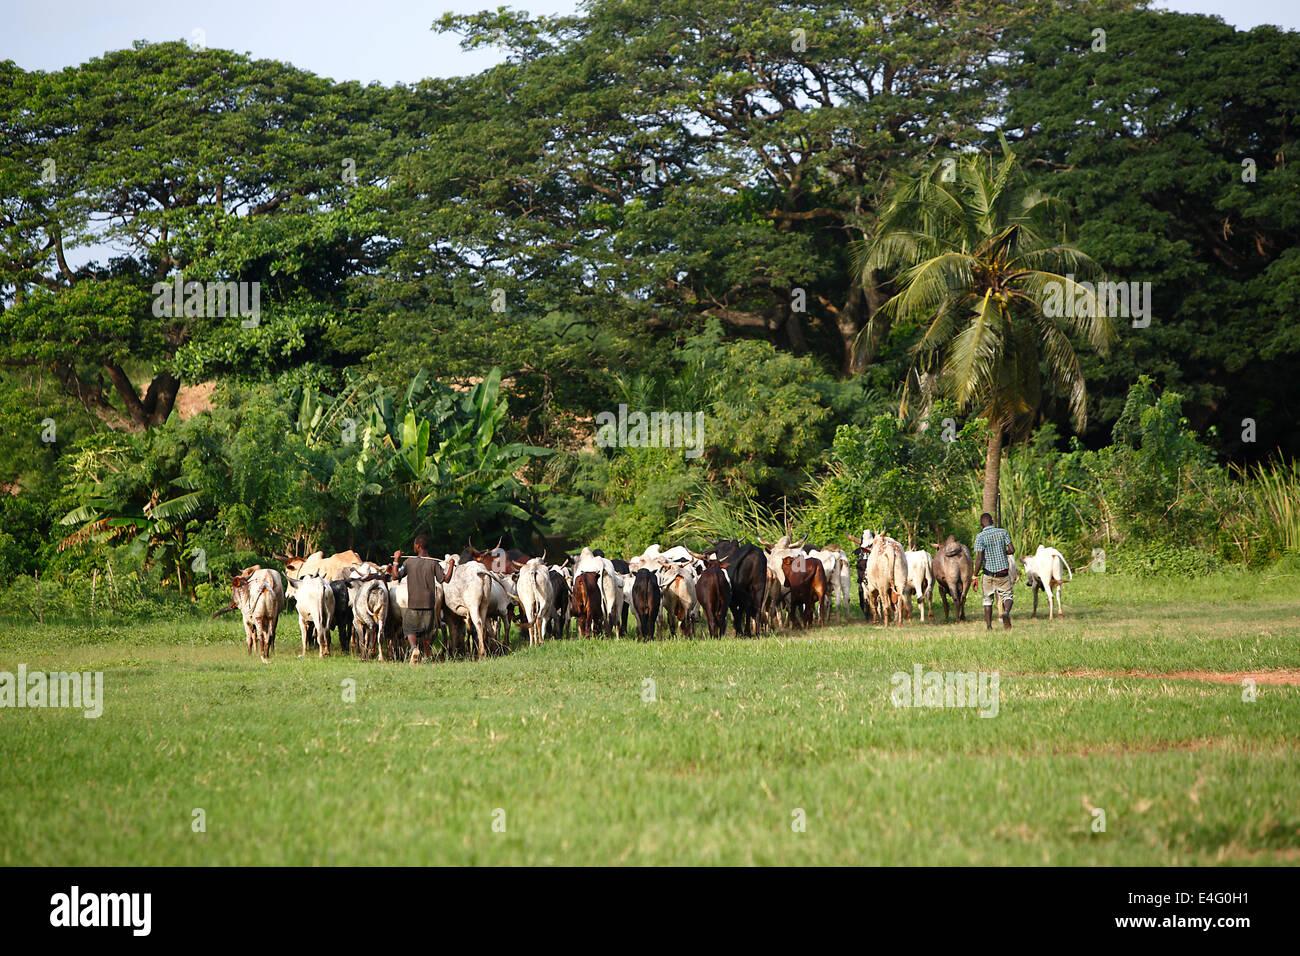 Afrikan ganado entre palmas verdes en el camino a una nueva pradera Foto de stock